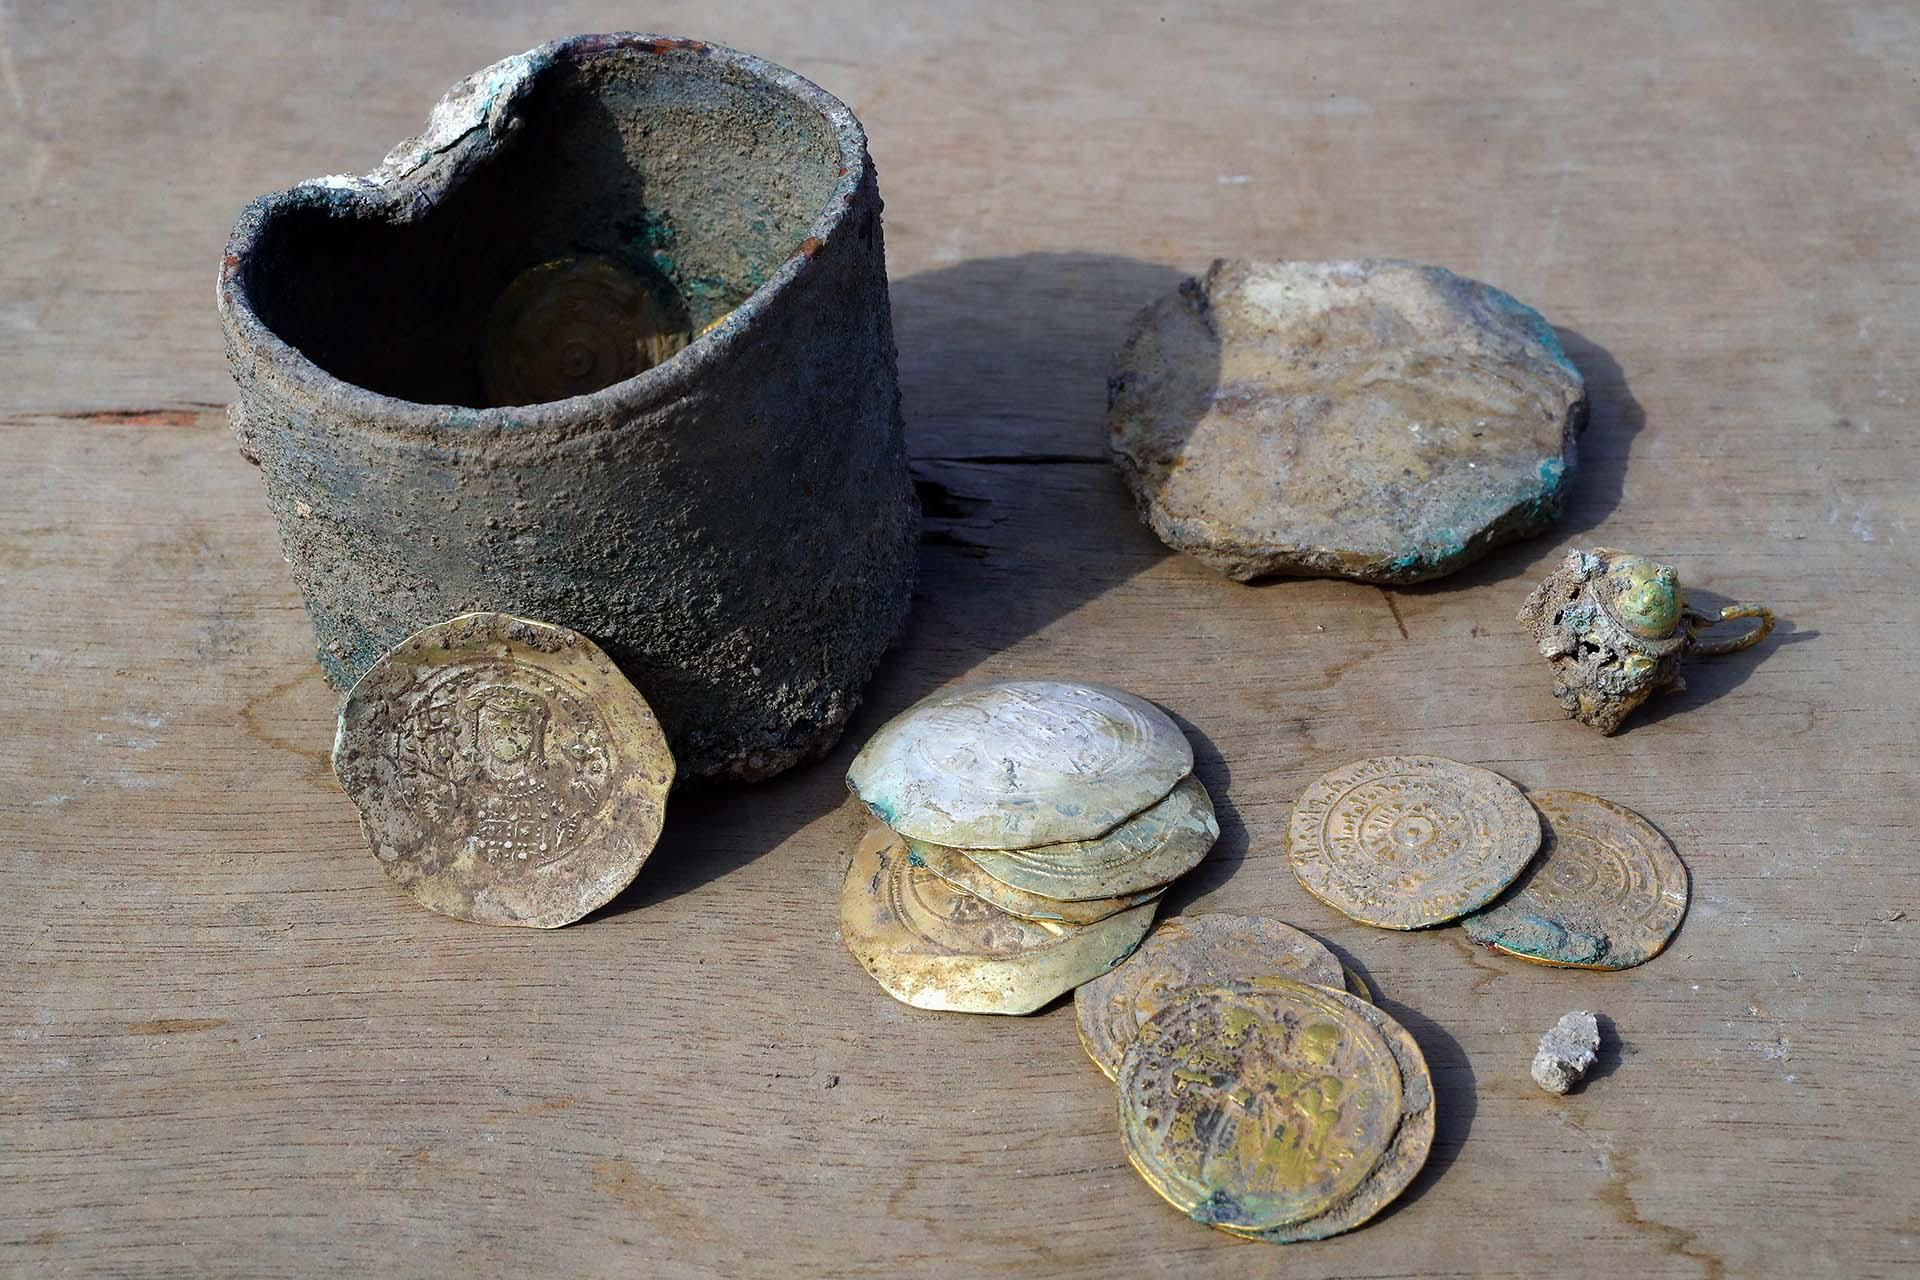 """Según el experto en monedas de la AAI, Robert Kool, las piezas encontradas no circulaban localmente, y sugieren relaciones comerciales entre Cesárea y Constantinopla. """"Una o dos de estas monedas equivalían al salario anual de un granjero sencillo, de modo que quien depositara el cofre o era alguien adinerado o estaba relacionado con el comercio"""", consideró Kool"""